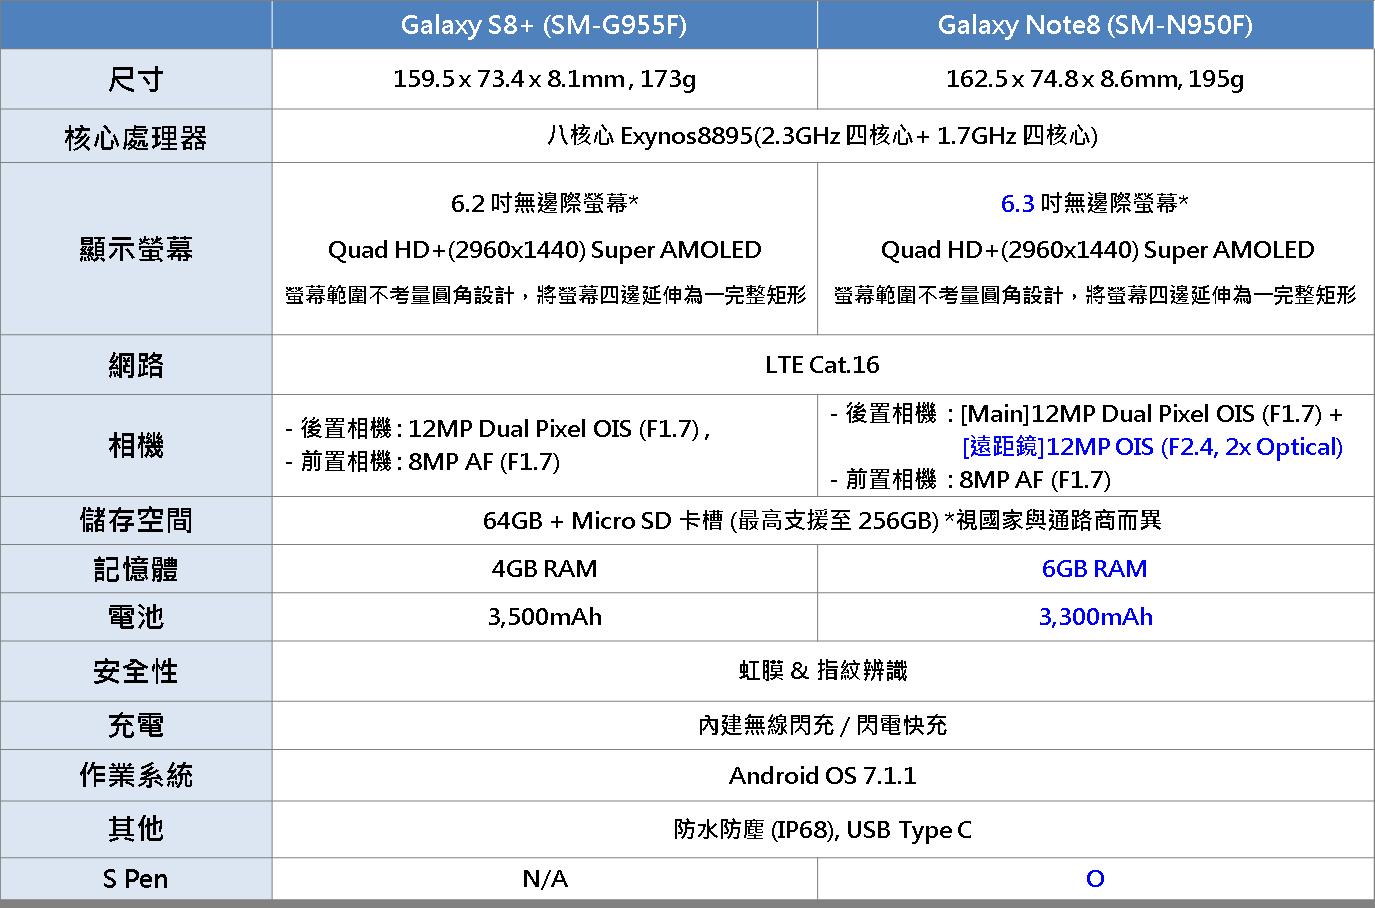 Galaxy Note 8 與 S8+ 有哪些不同之處?